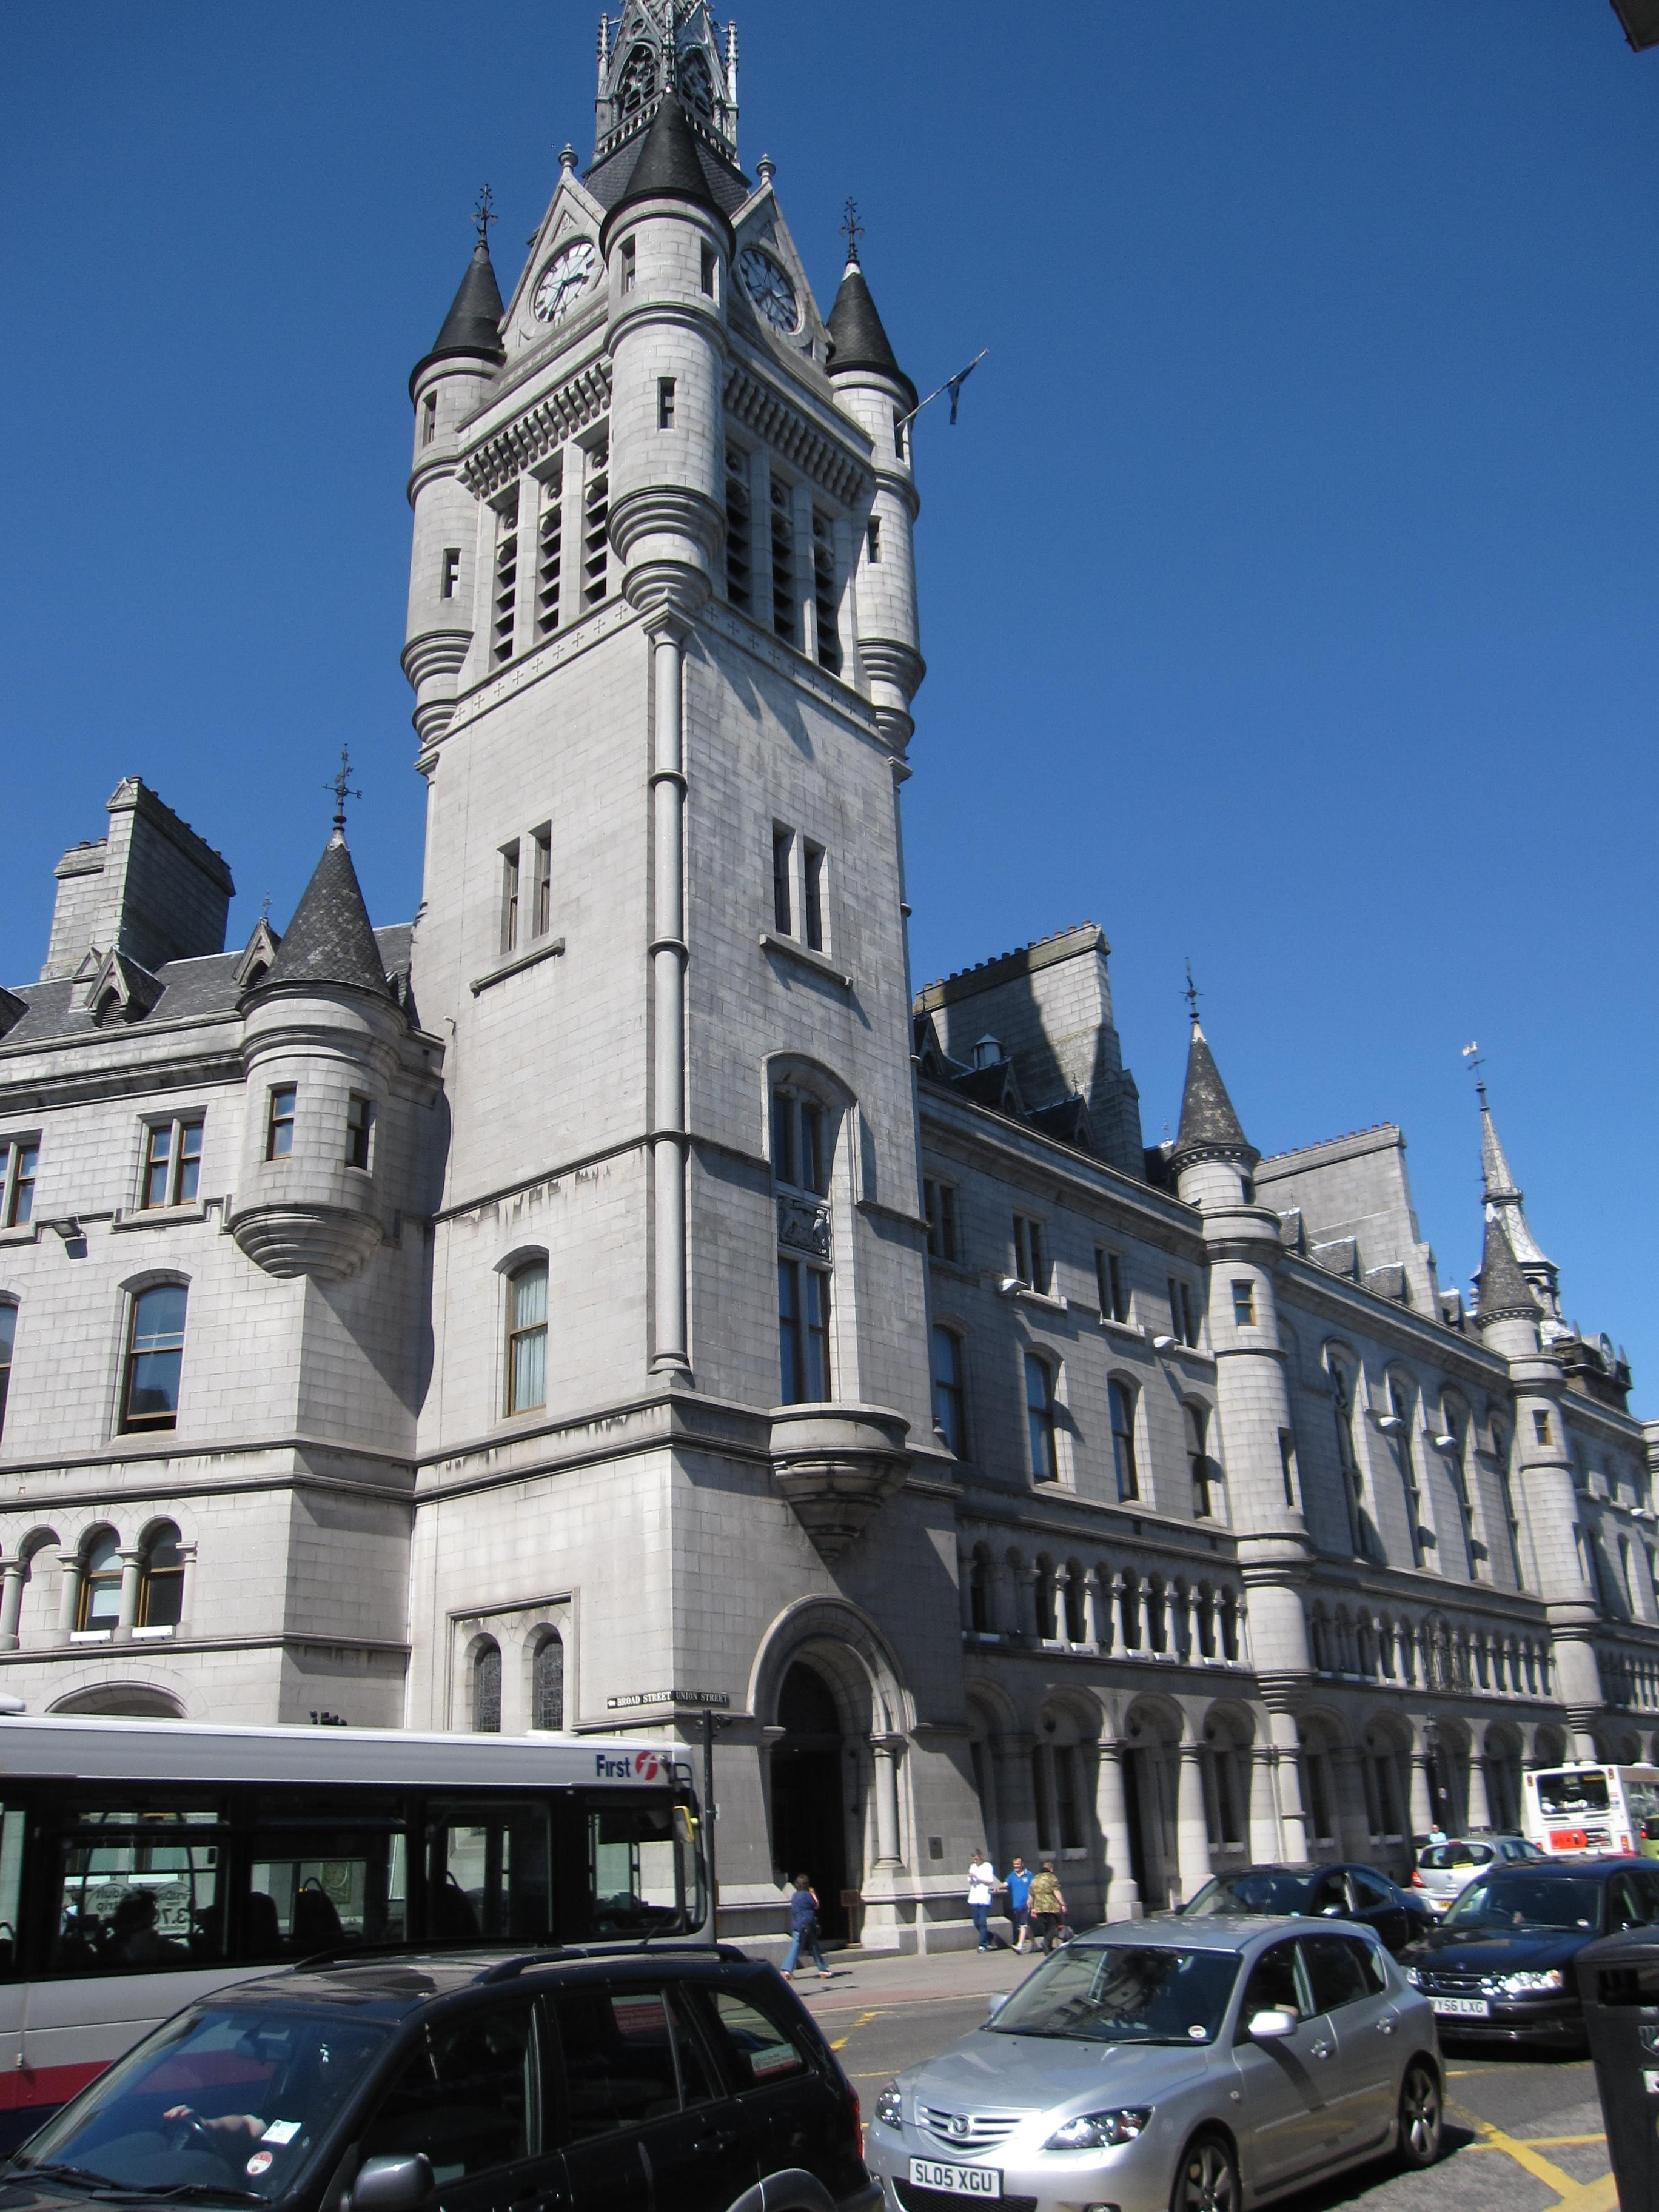 File:Aberdeen Town House A.jpg - Wikimedia Commonsaberdeen town